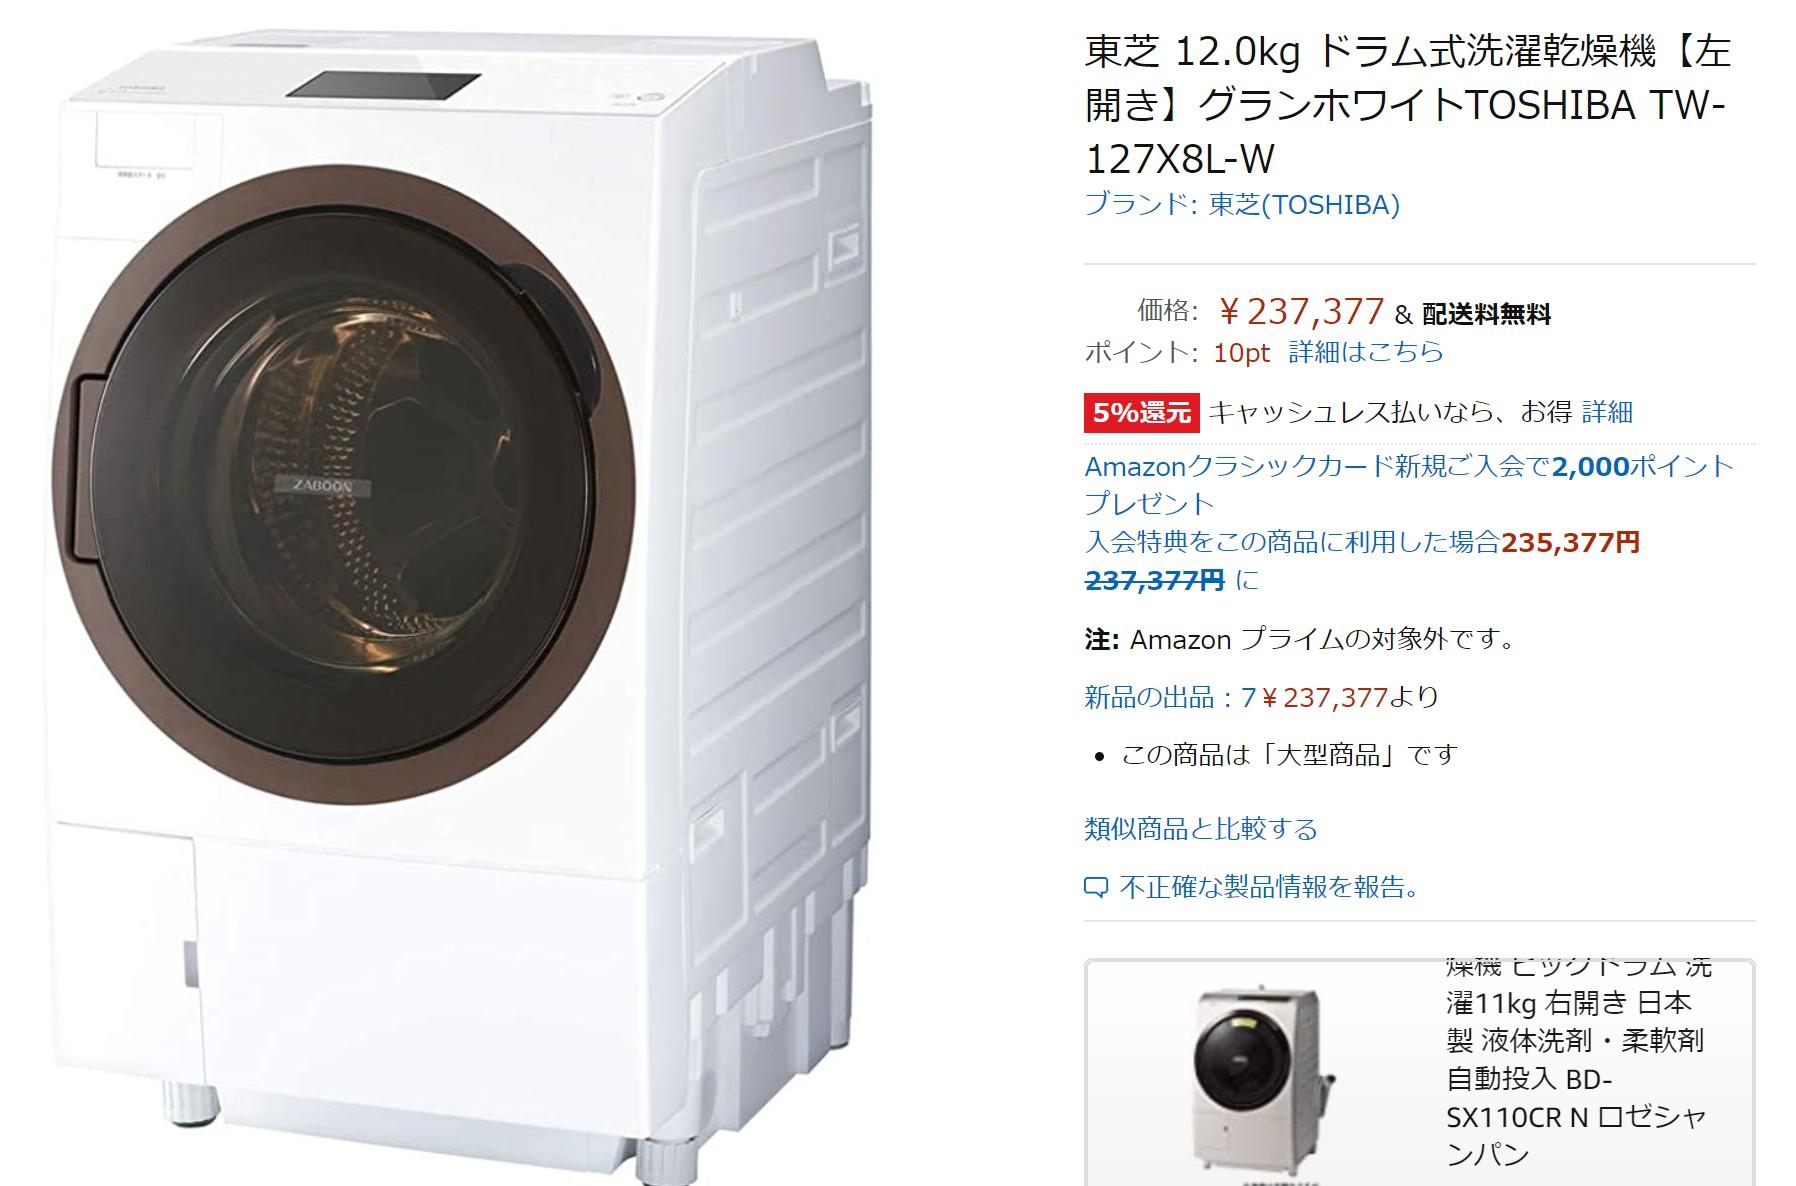 TOSHIBA TW-127X8Lの価格相場